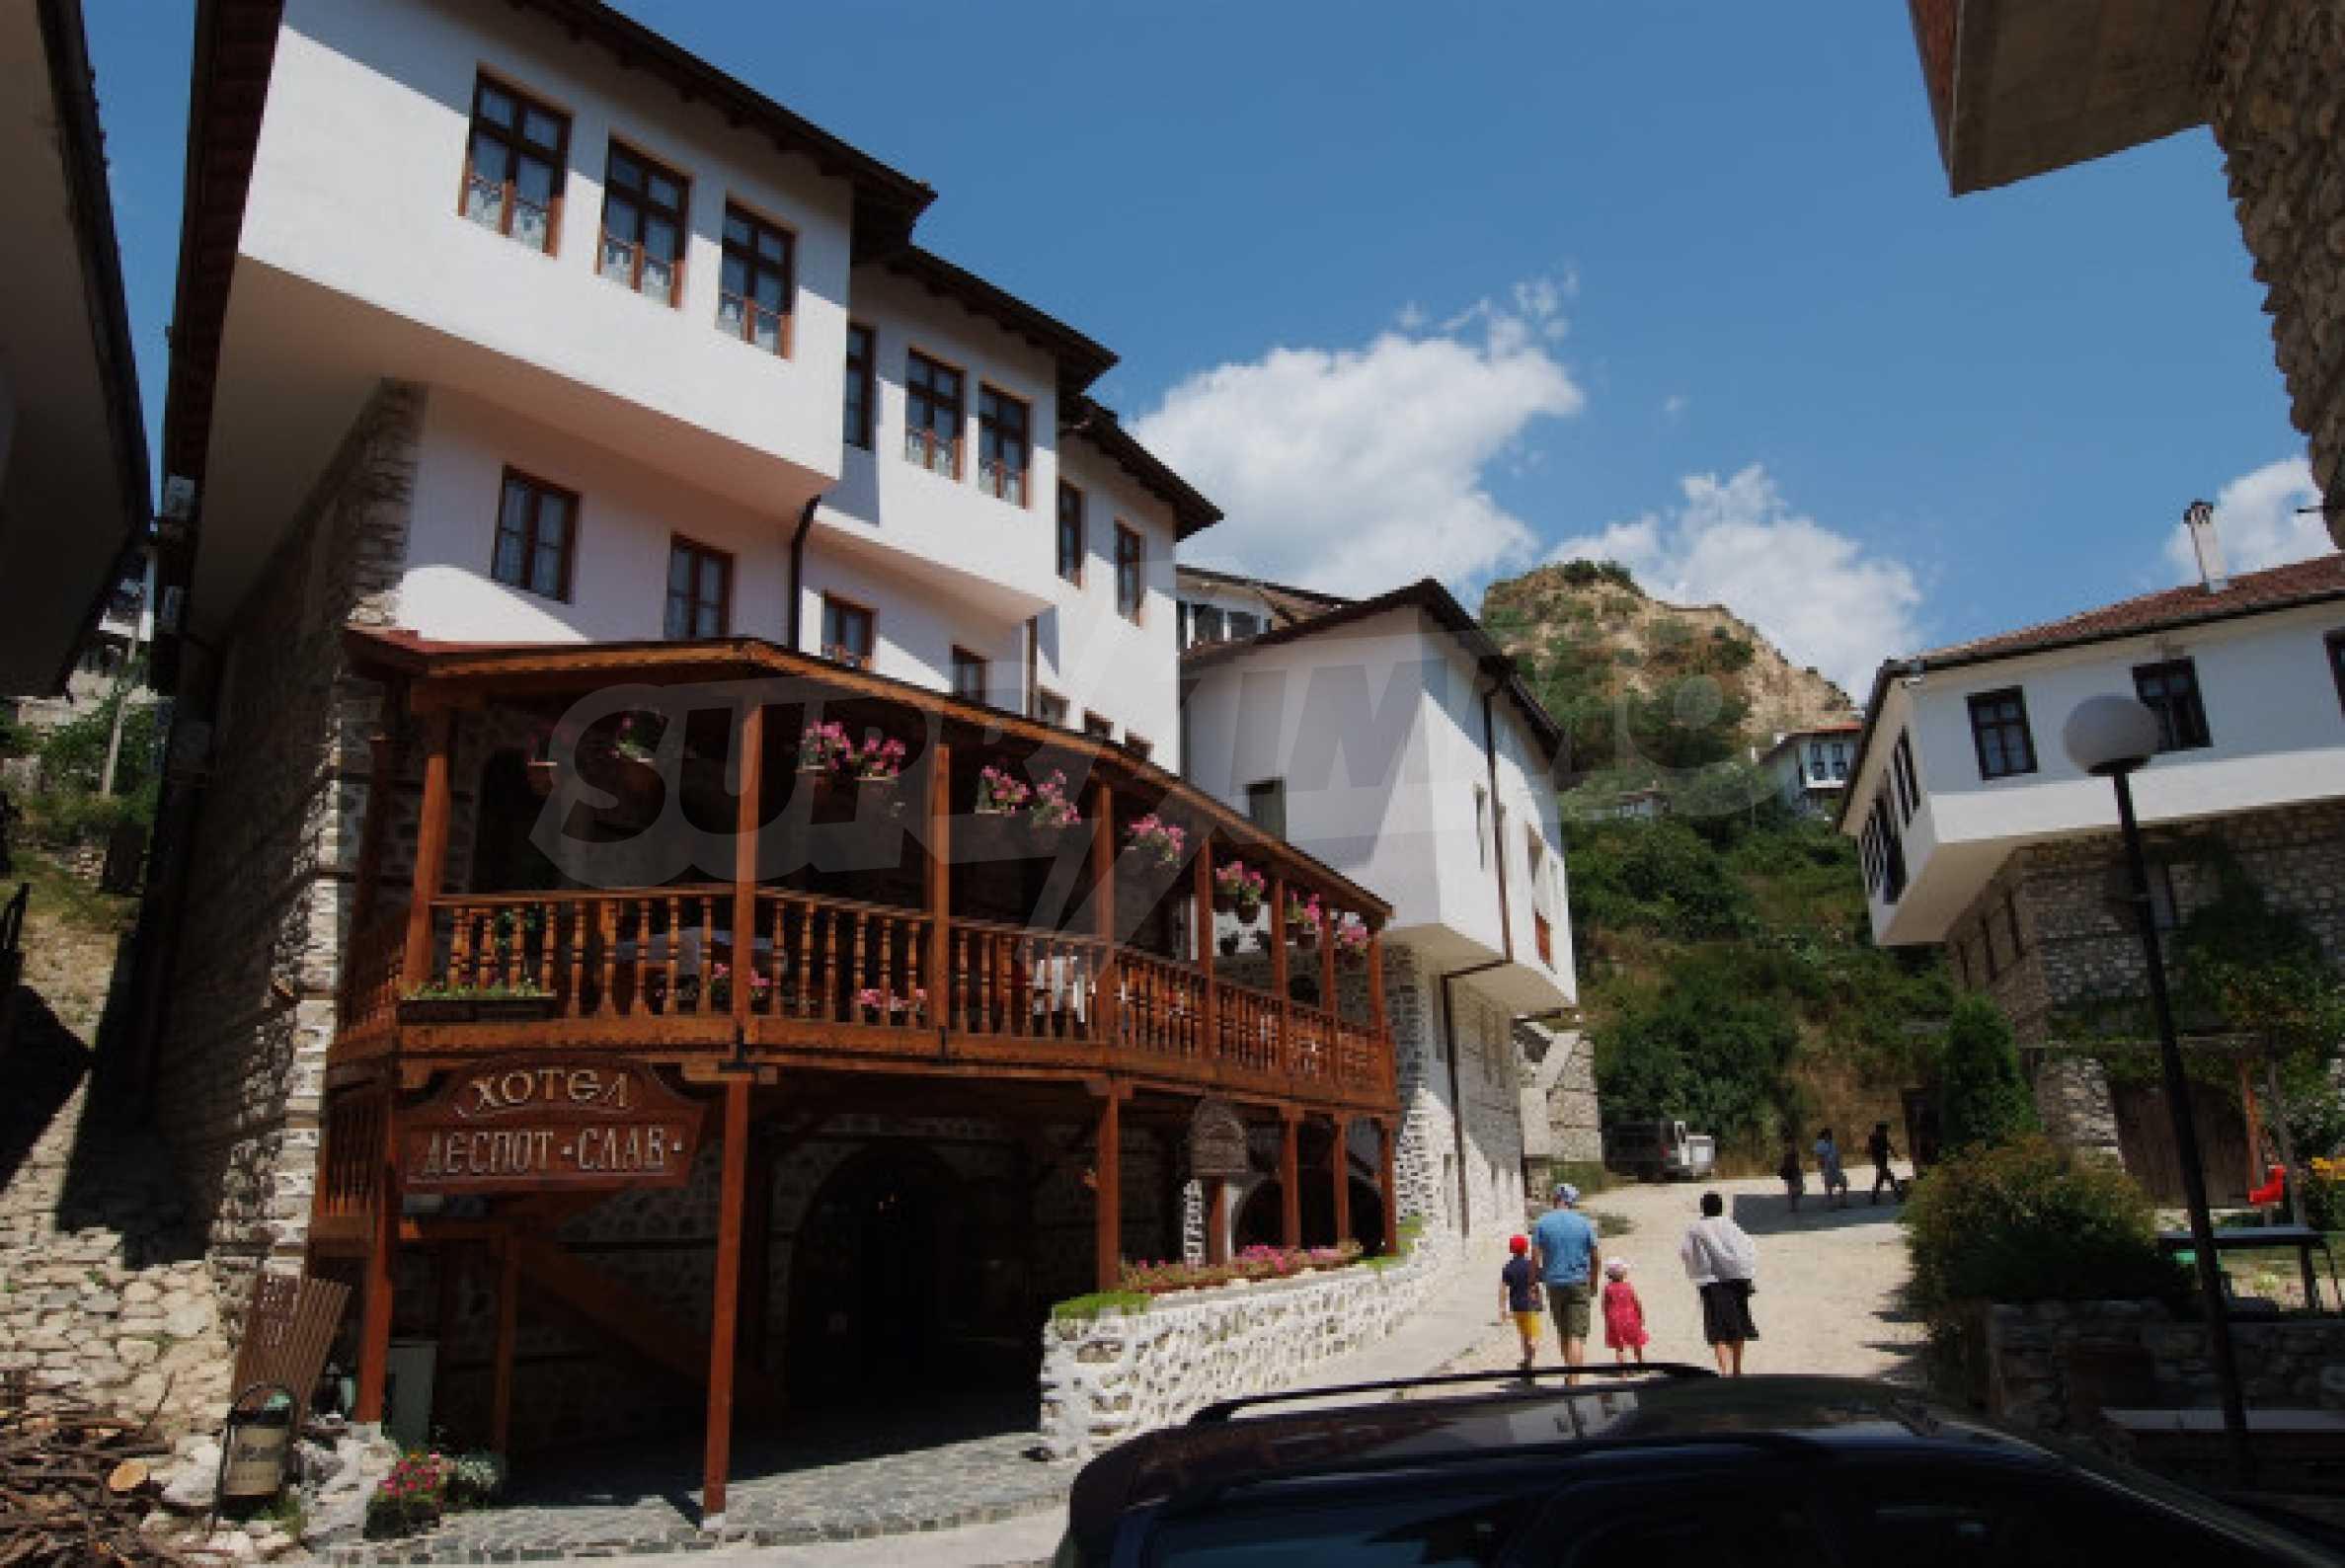 Гостиница, Отель в г. Мелник 2